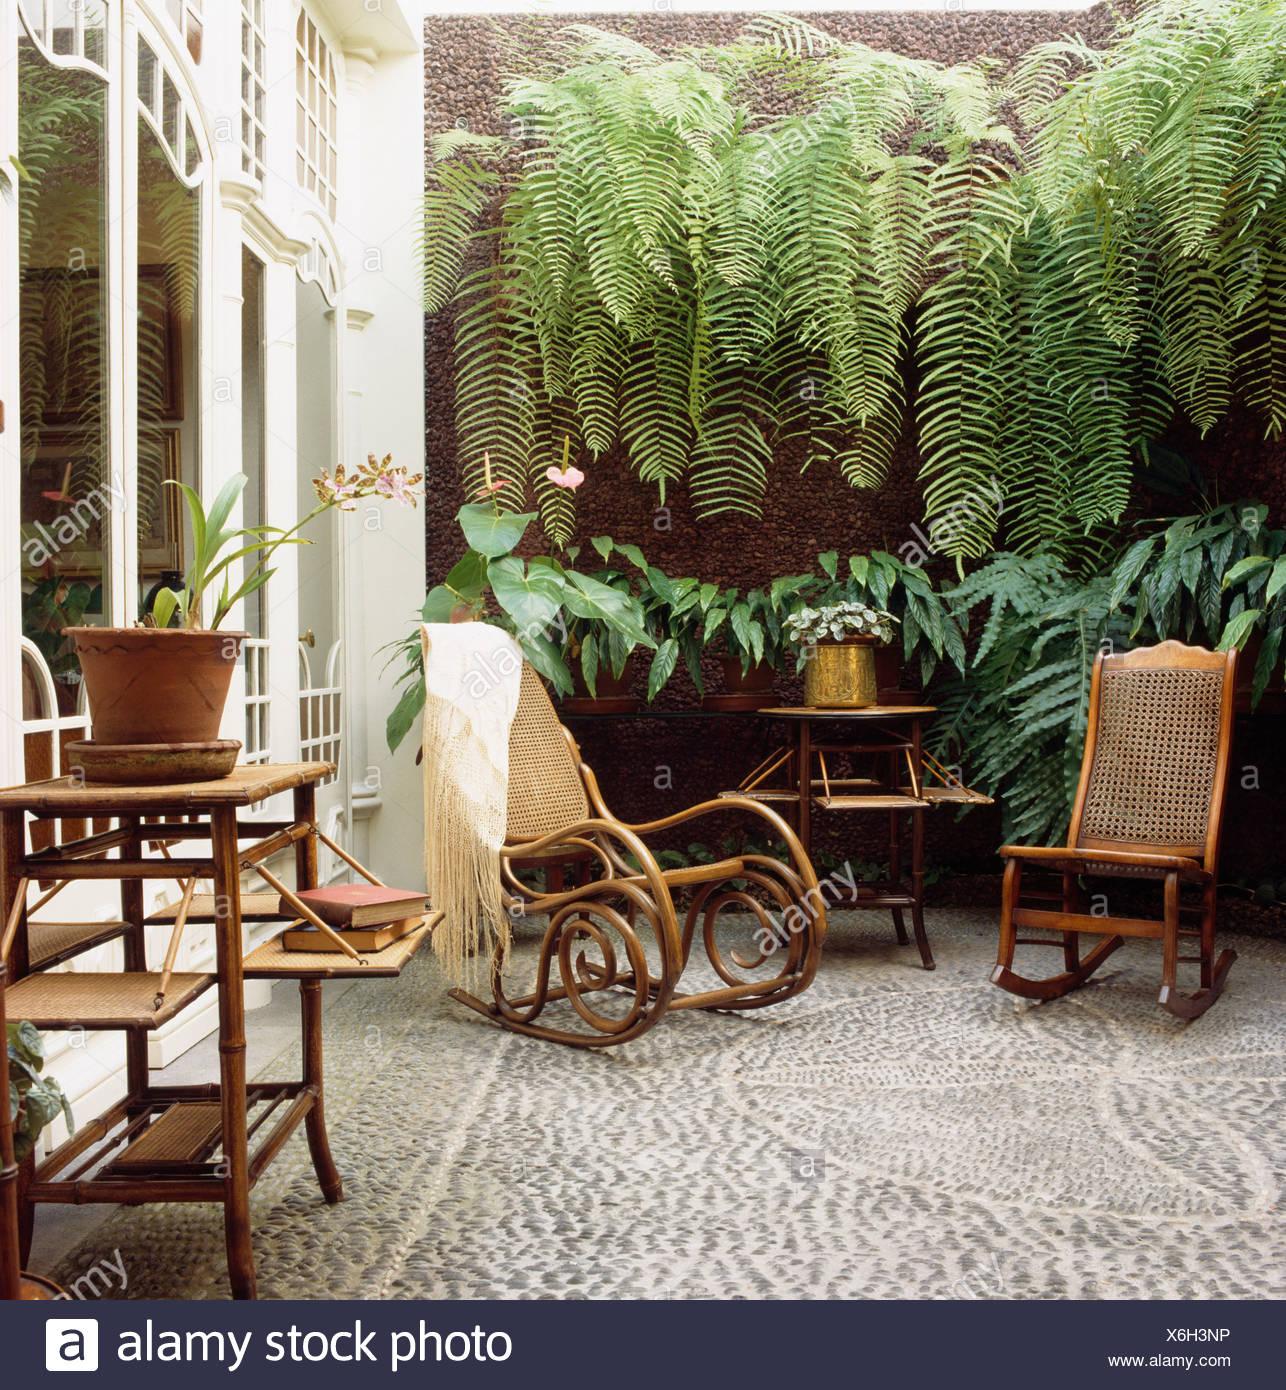 fougeres luxuriantes sur mur au dessus de meubles anciens en bois et rotin chaises bercantes sur petite cour avec pavage de mosaique de galets x6h3np